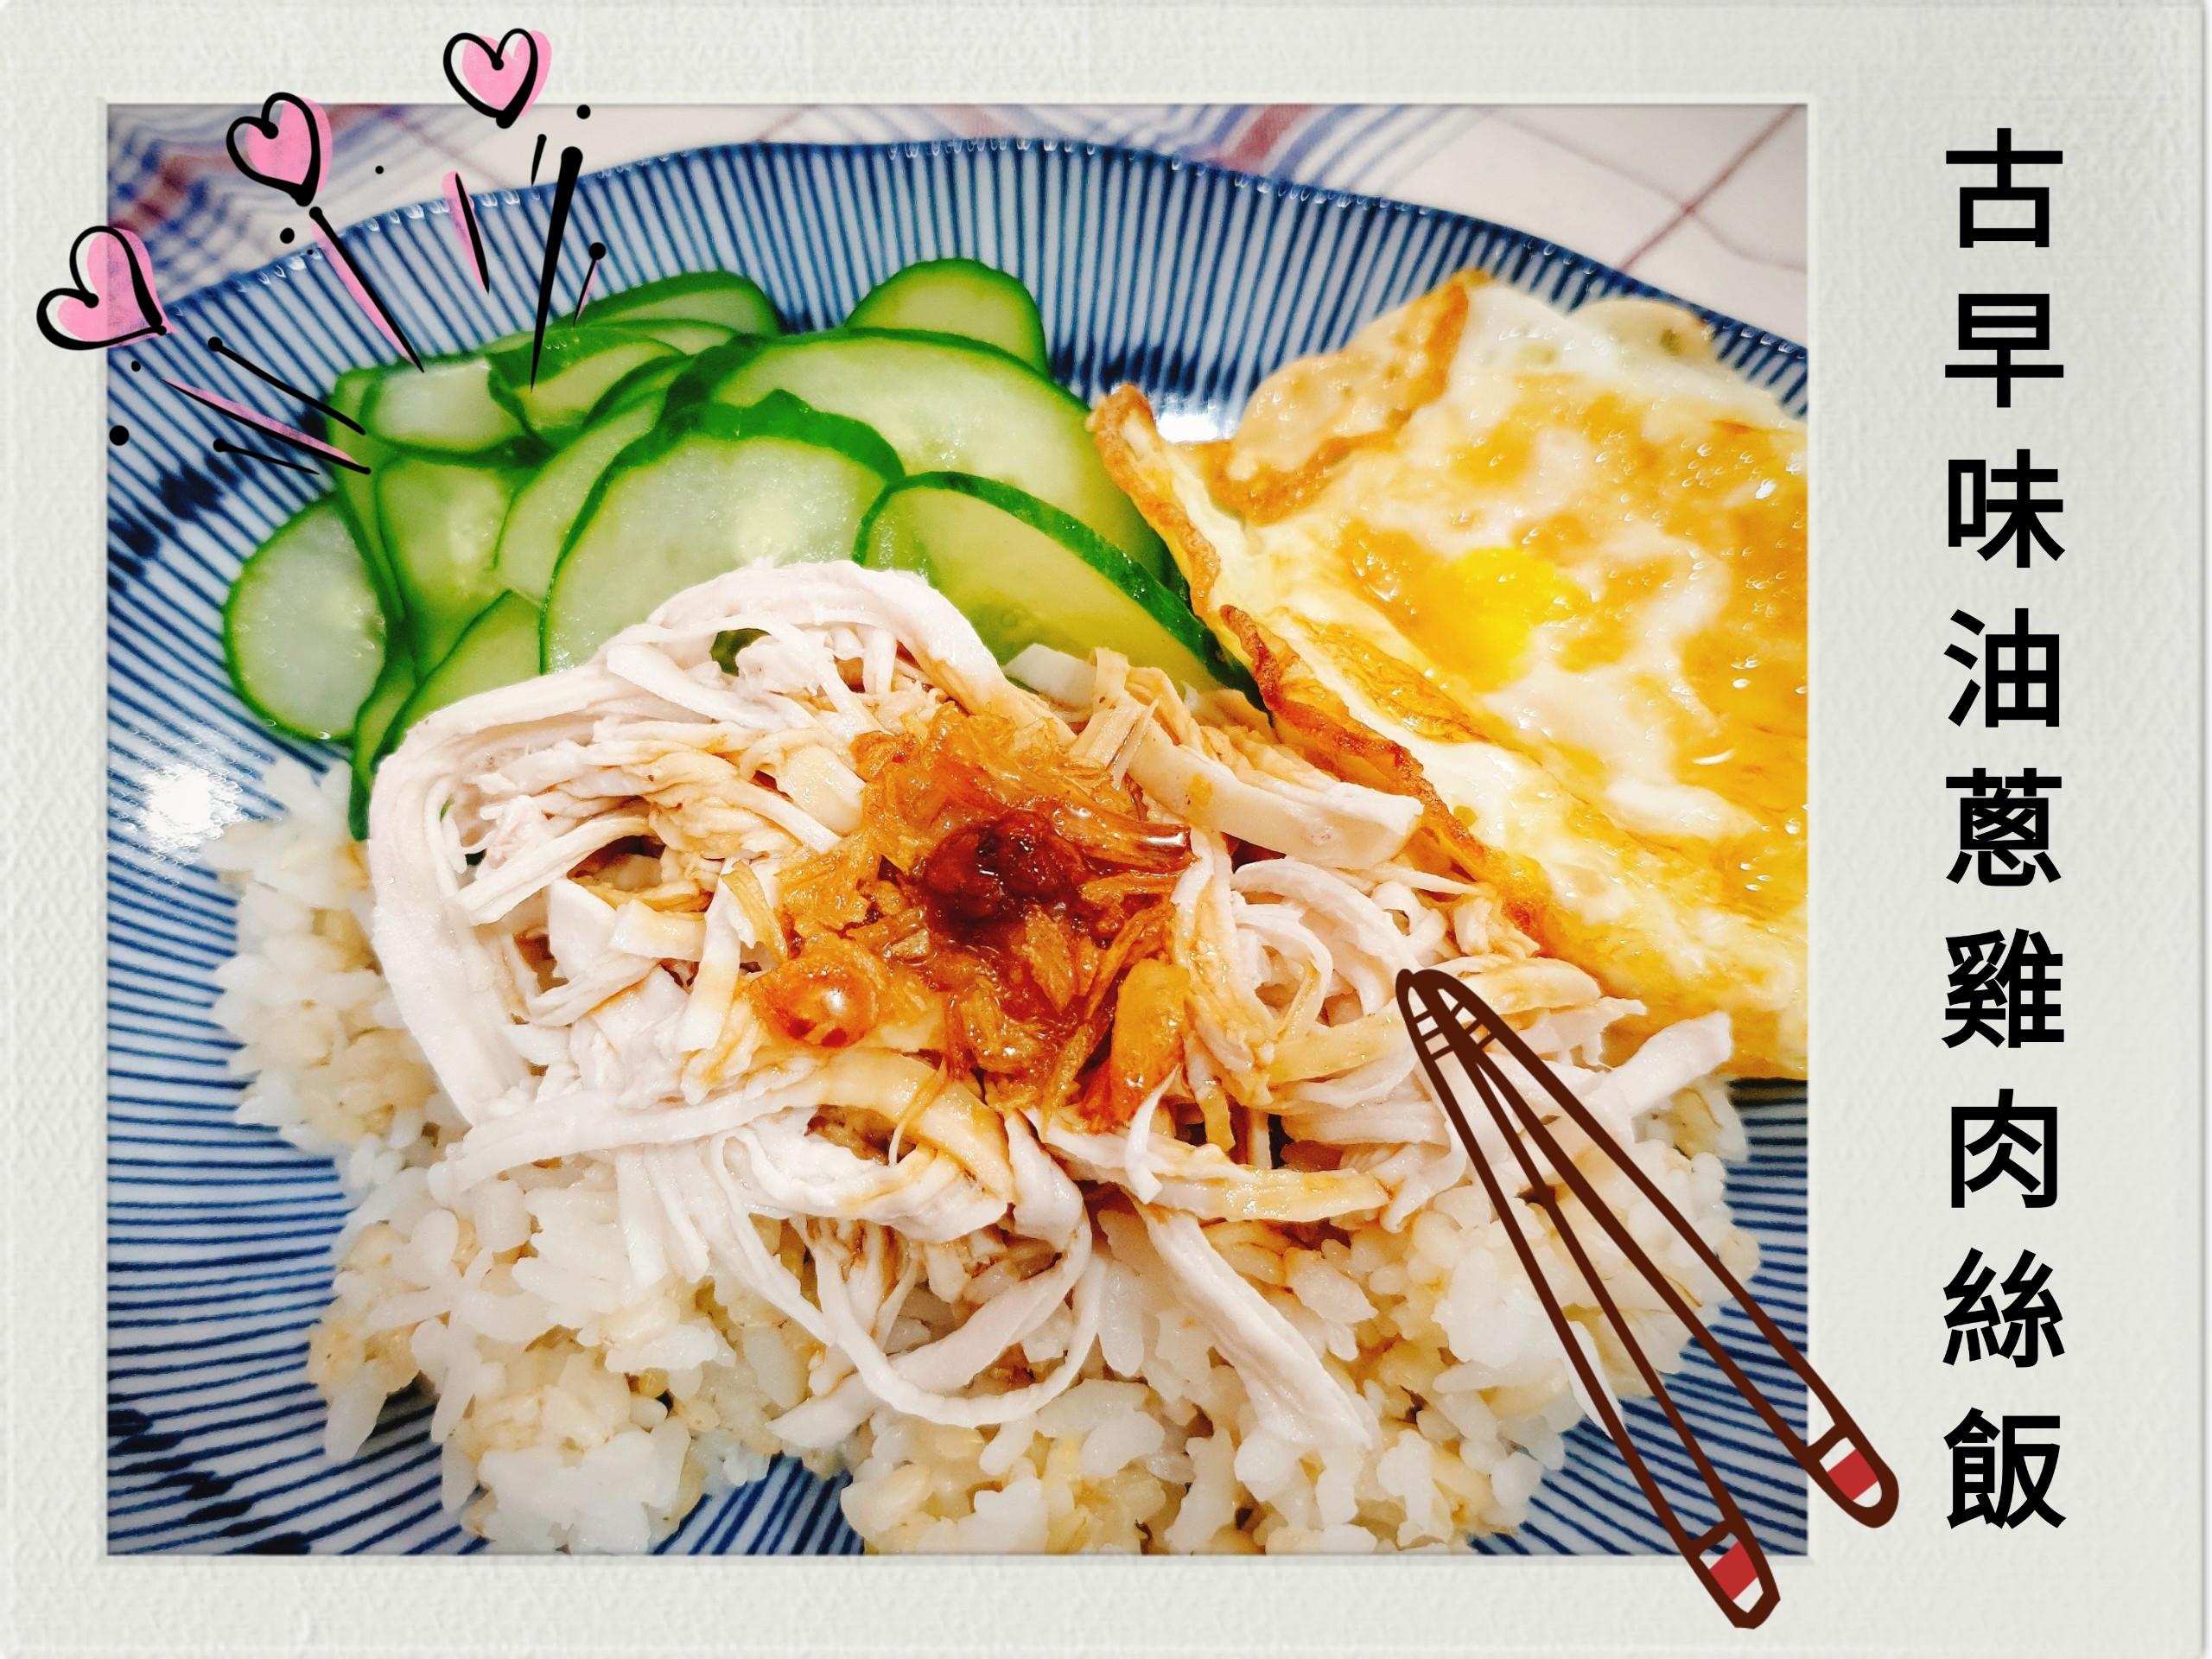 古早味油蔥雞肉絲飯~簡單做好好吃